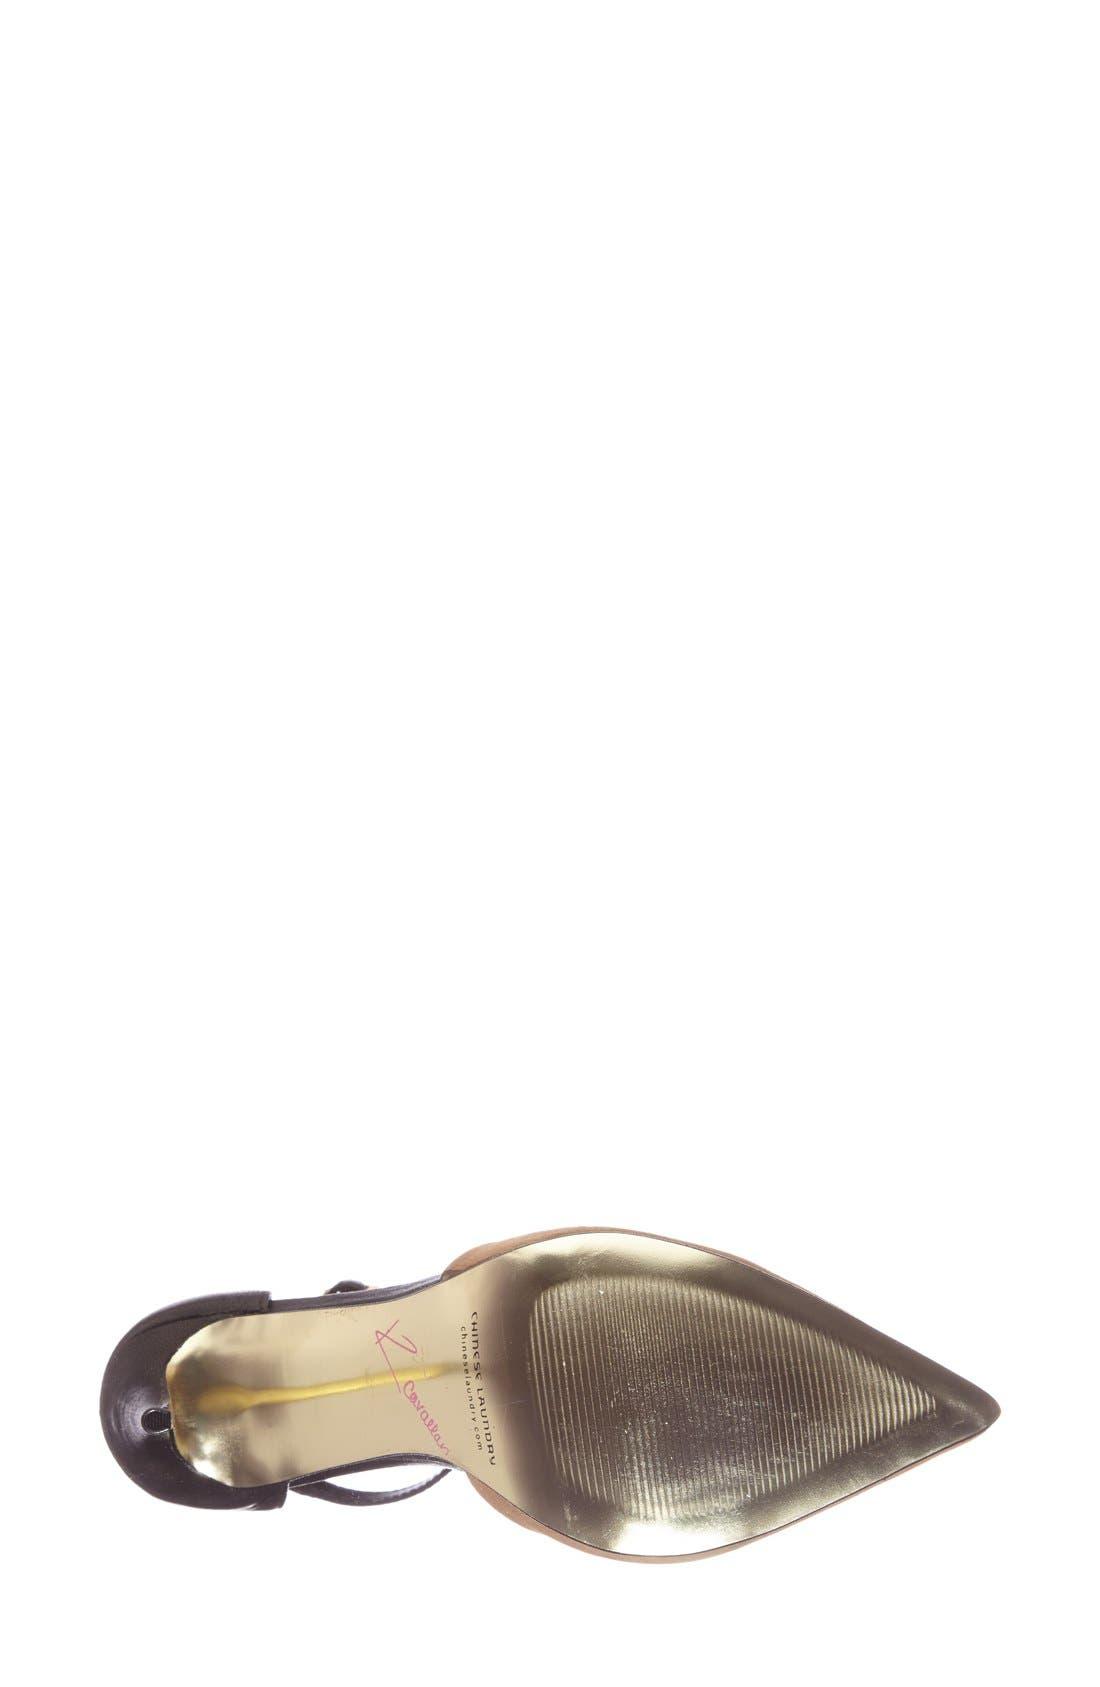 Ankle Strap Pump,                             Alternate thumbnail 4, color,                             Black/ Camel Suede